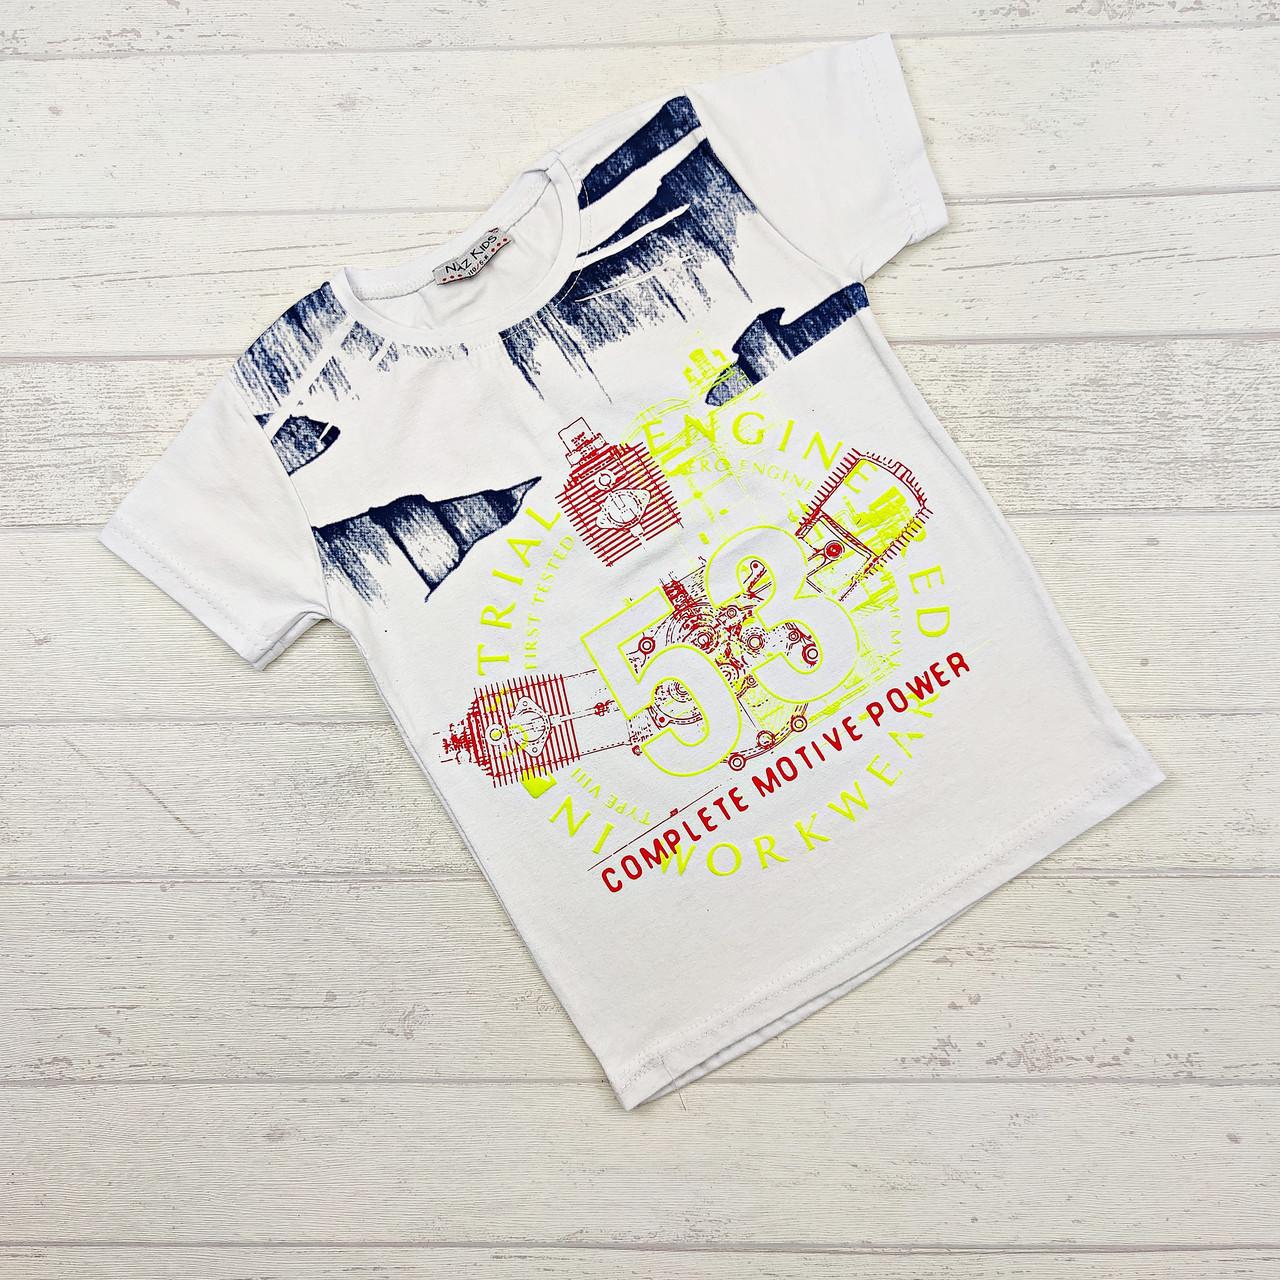 Детская футболка оптом для мальчиков 6-10 лет.: продажа ...